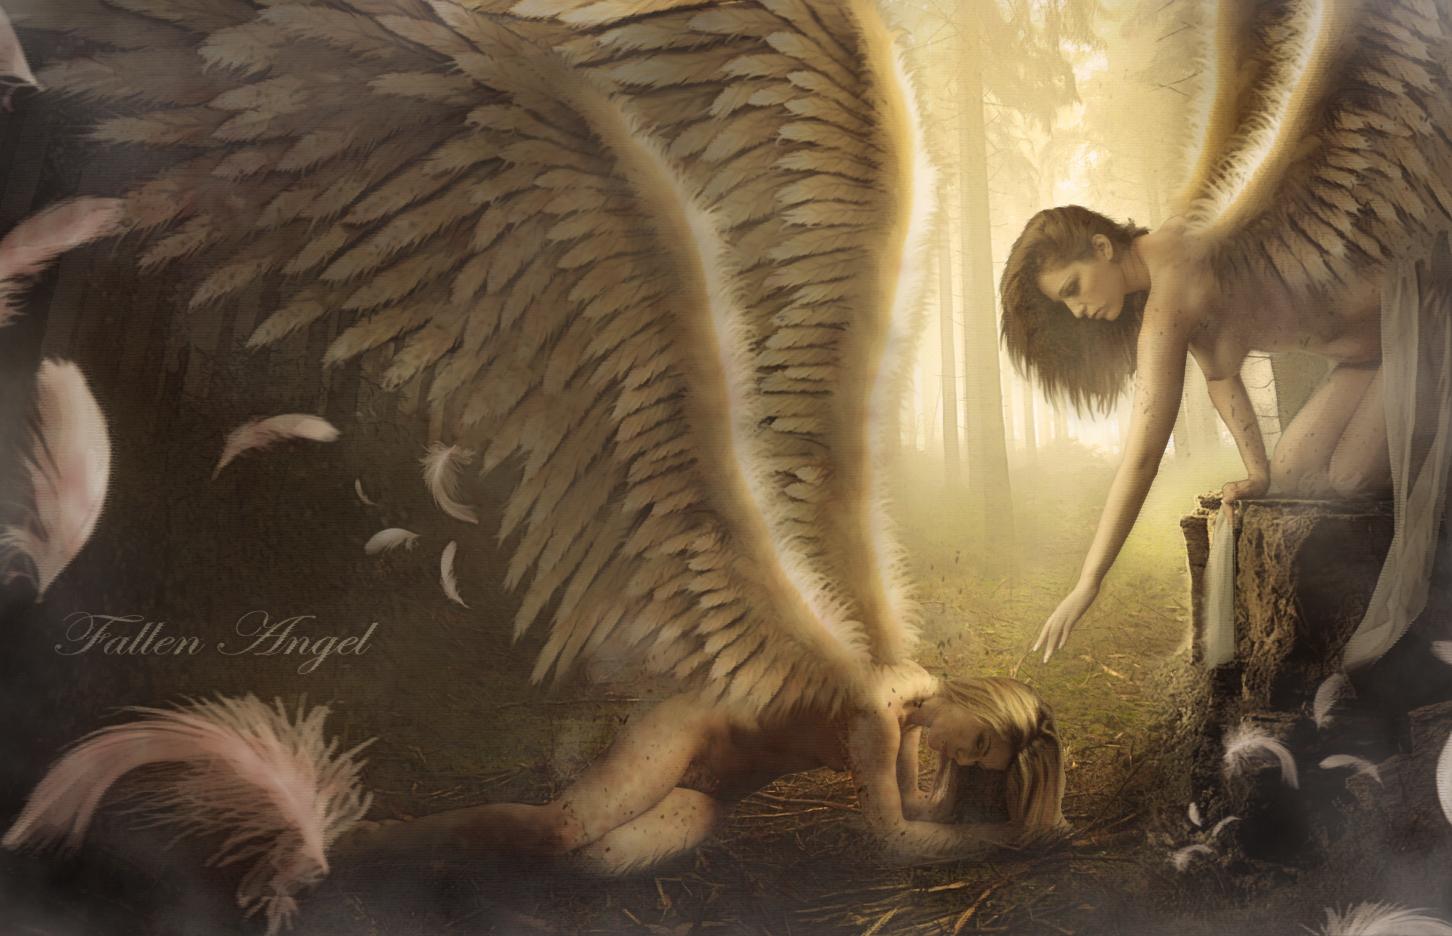 Fallen Angel by ElementOfOne1